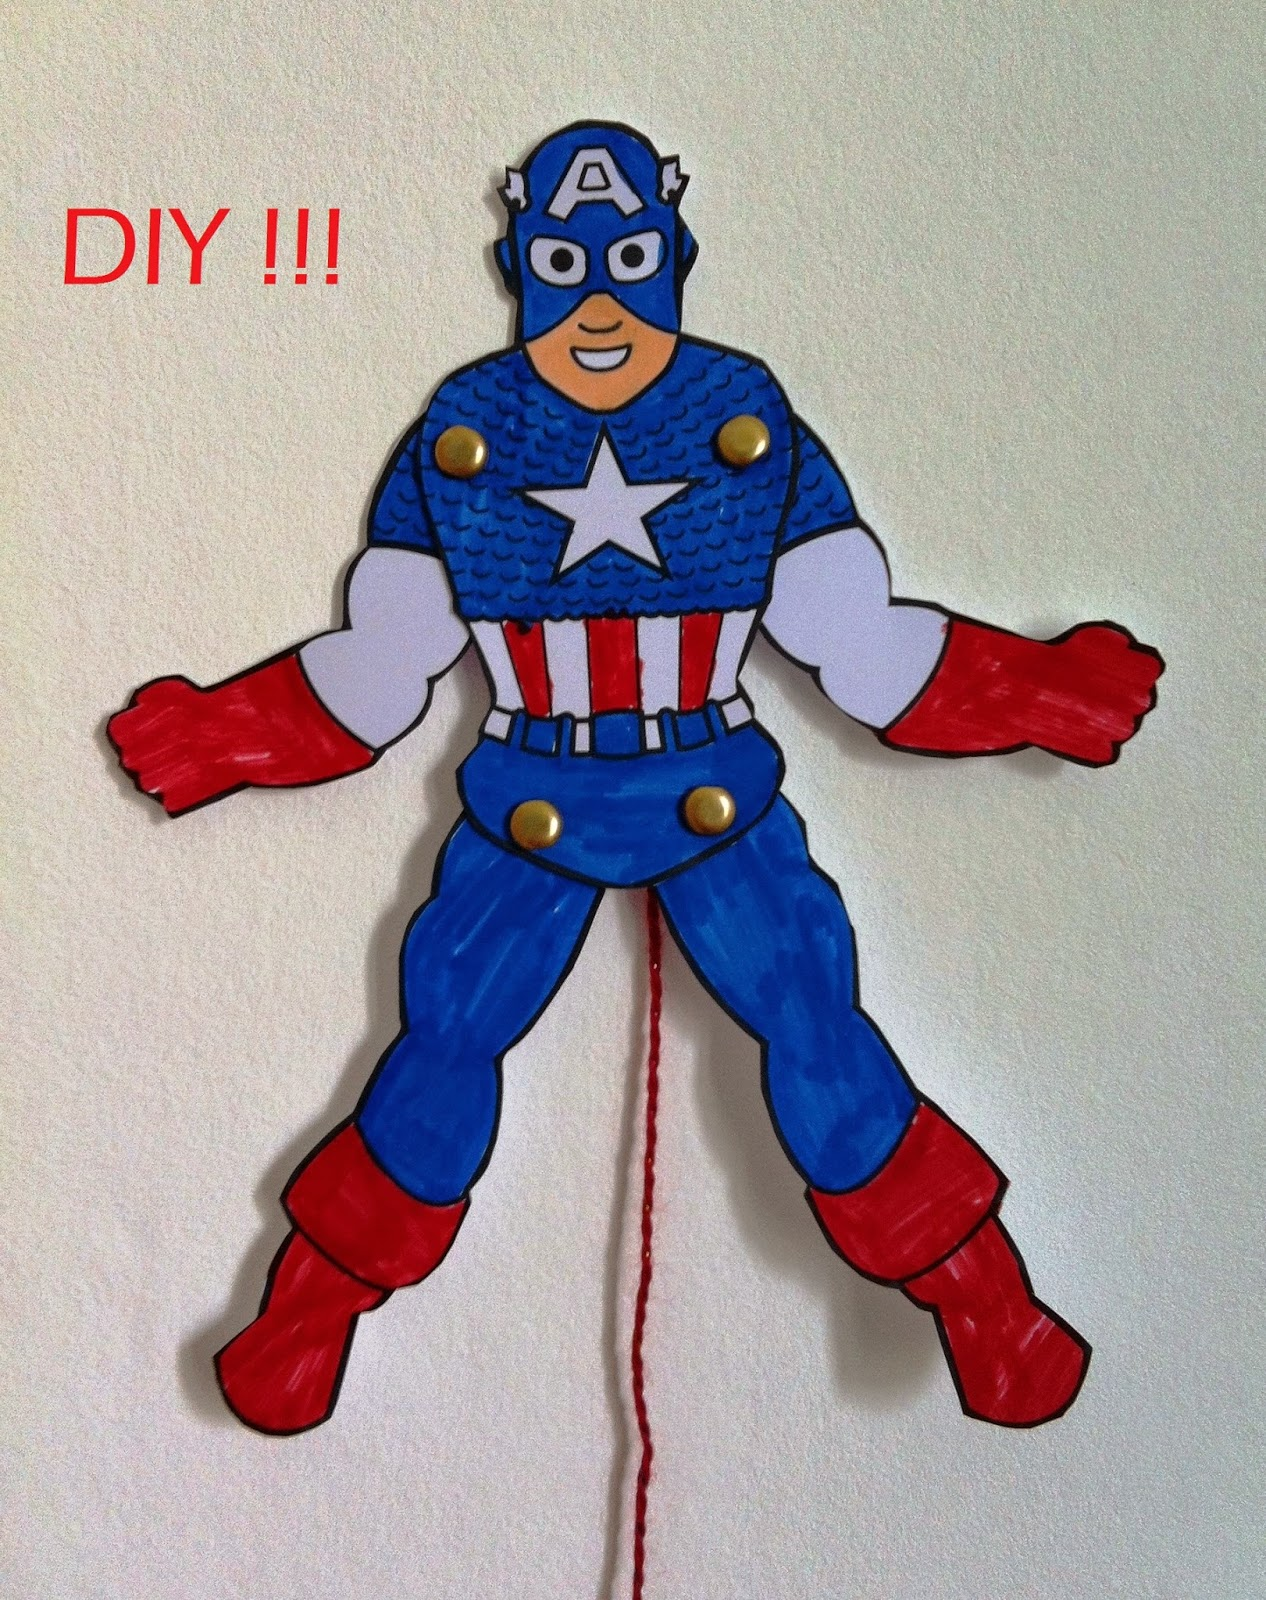 masque spiderman a colorier découpage a imprimer - Coloriage Enfant Spiderman